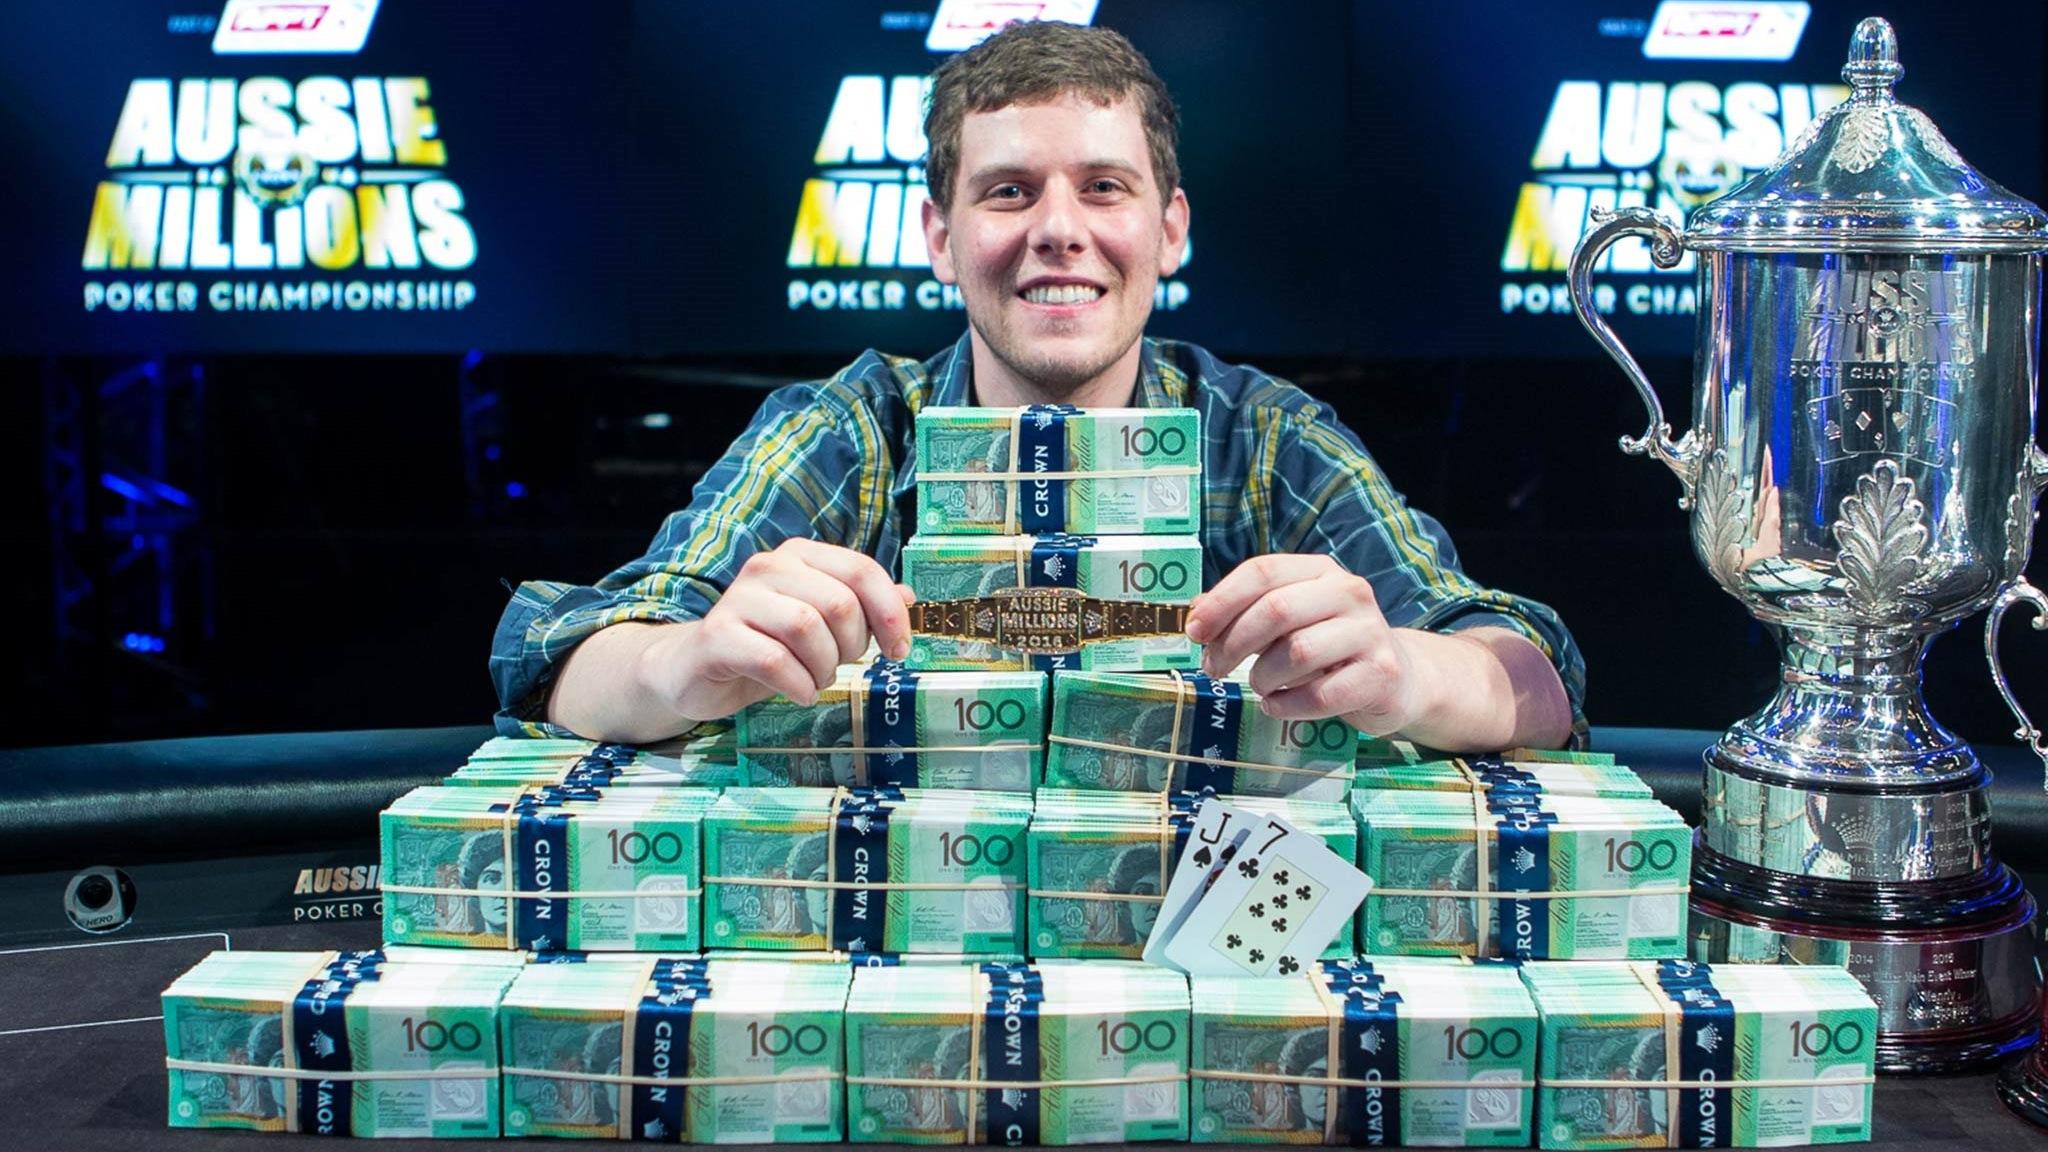 2017 Aussie Millions Poker Championship